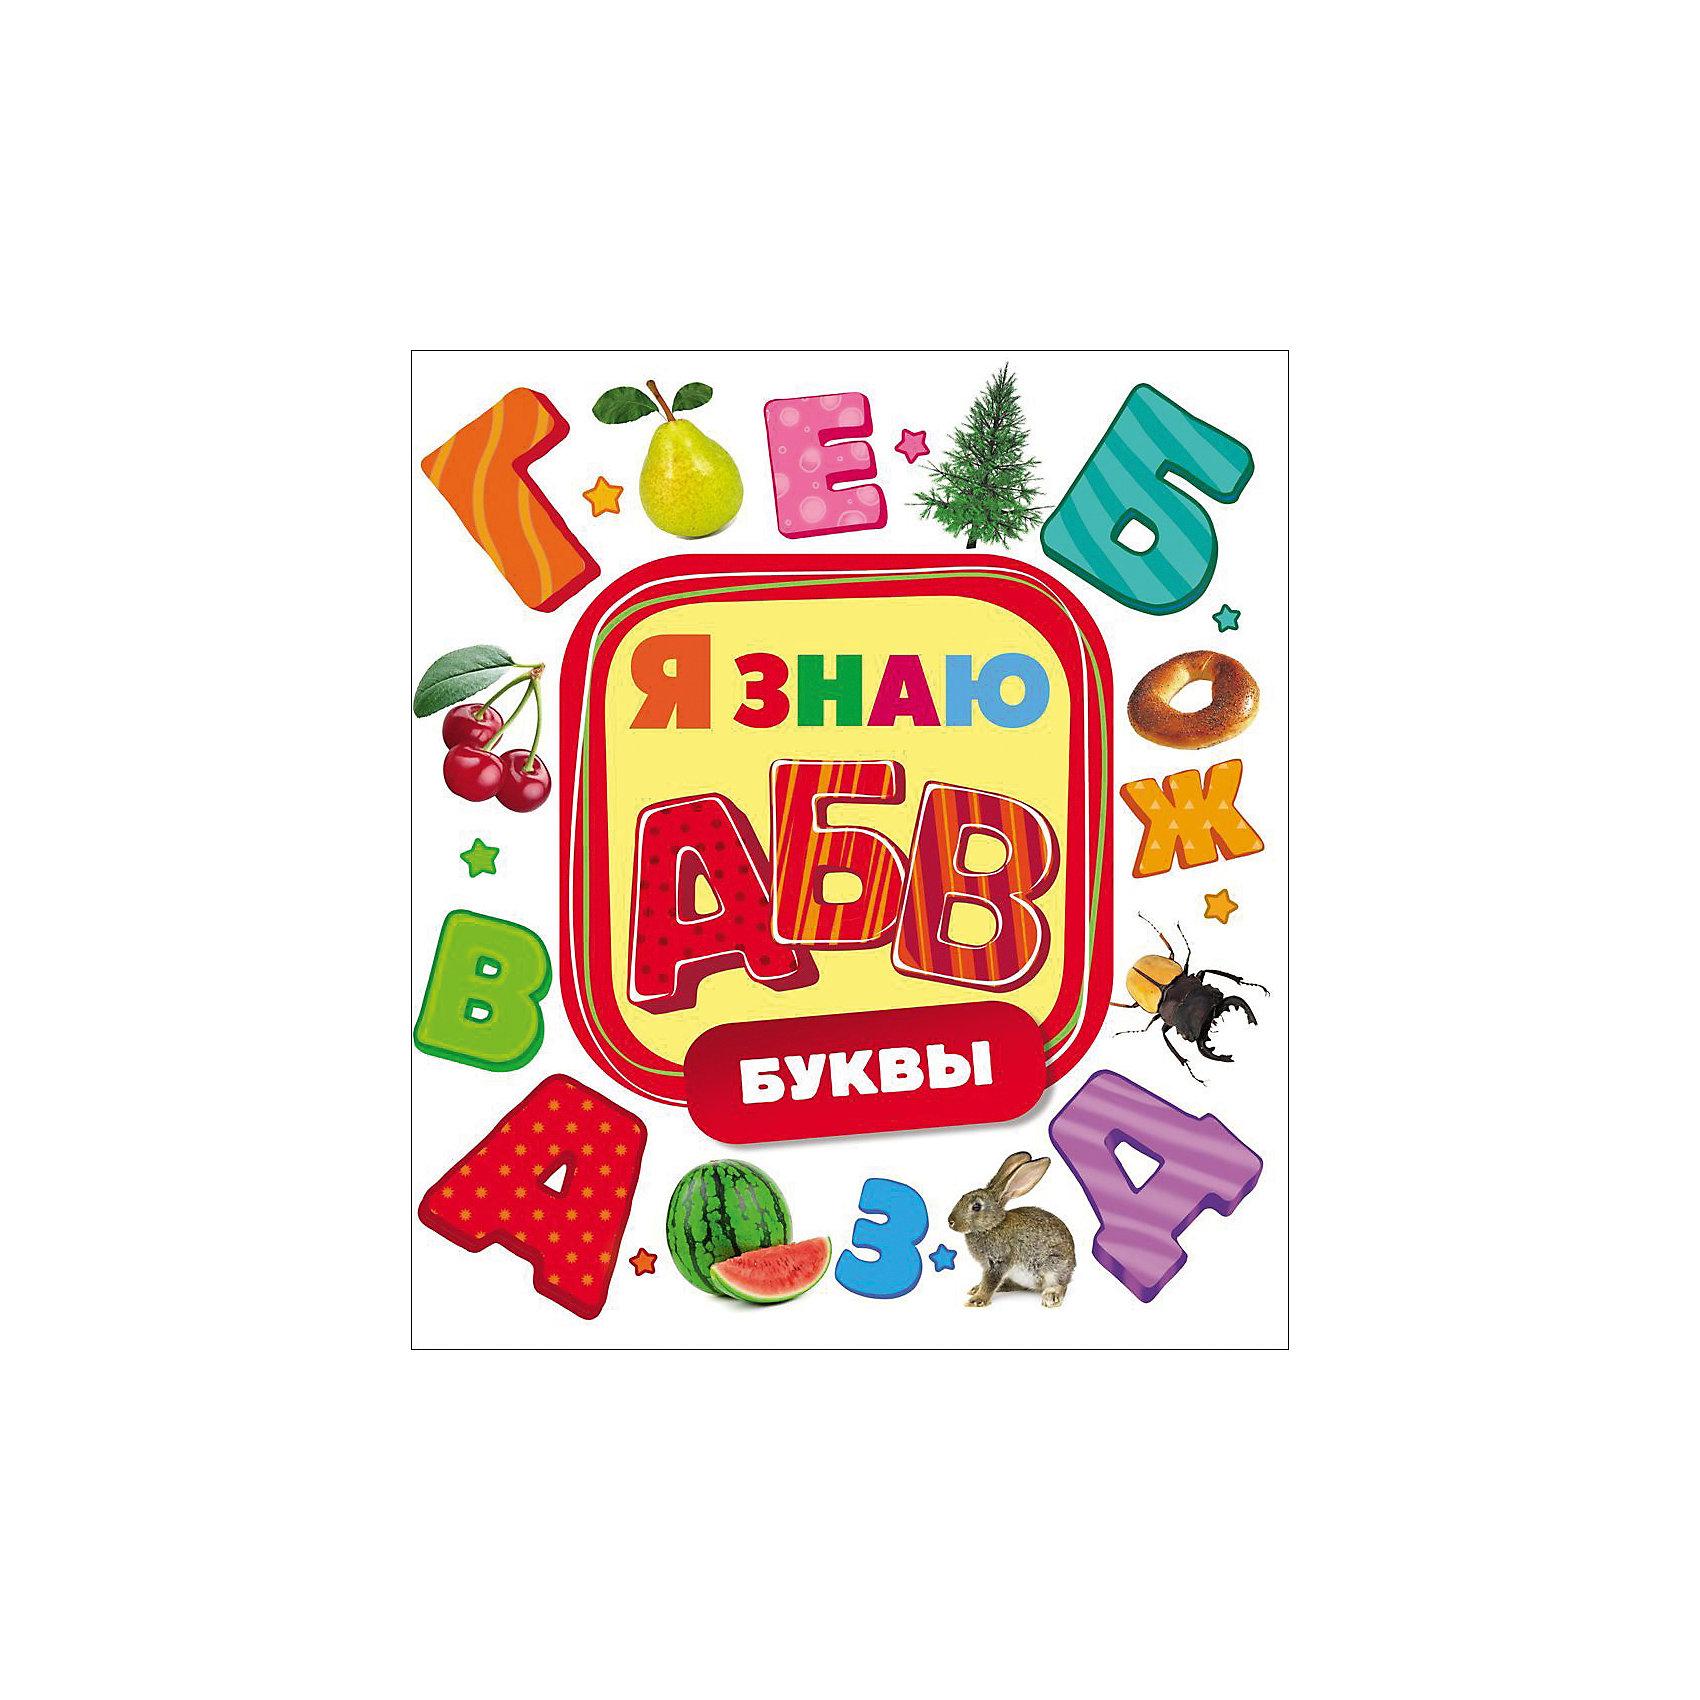 Буквы (Я знаю)Азбуки<br>Характеристики товара:<br><br>- цвет: разноцветный;<br>- материал: бумага;<br>- страниц: 10;<br>- формат: 22 х 25 см;<br>- обложка: картон;<br>- развивающая. <br><br>Издания серии Я знаю - отличный способ занять ребенка! Эта красочная книга станет отличным подарком для родителей и малыша. Она содержит в себе интересные задания и яркие картинки, которые так любят дети. Отличный способ привить малышу любовь к занятиям и начать обучение! Методика такого обучения в игровой форме разработана опытными специалистами и опробована множеством родителей!<br>Чтение и рассматривание картинок даже в юном возрасте помогает ребенку развивать память, концентрацию внимания и воображение. Издание произведено из качественных материалов, которые безопасны даже для самых маленьких.<br><br>Издание Буквы (Я знаю) от компании Росмэн можно купить в нашем интернет-магазине.<br><br>Ширина мм: 250<br>Глубина мм: 225<br>Высота мм: 7<br>Вес г: 289<br>Возраст от месяцев: 0<br>Возраст до месяцев: 36<br>Пол: Унисекс<br>Возраст: Детский<br>SKU: 5110090